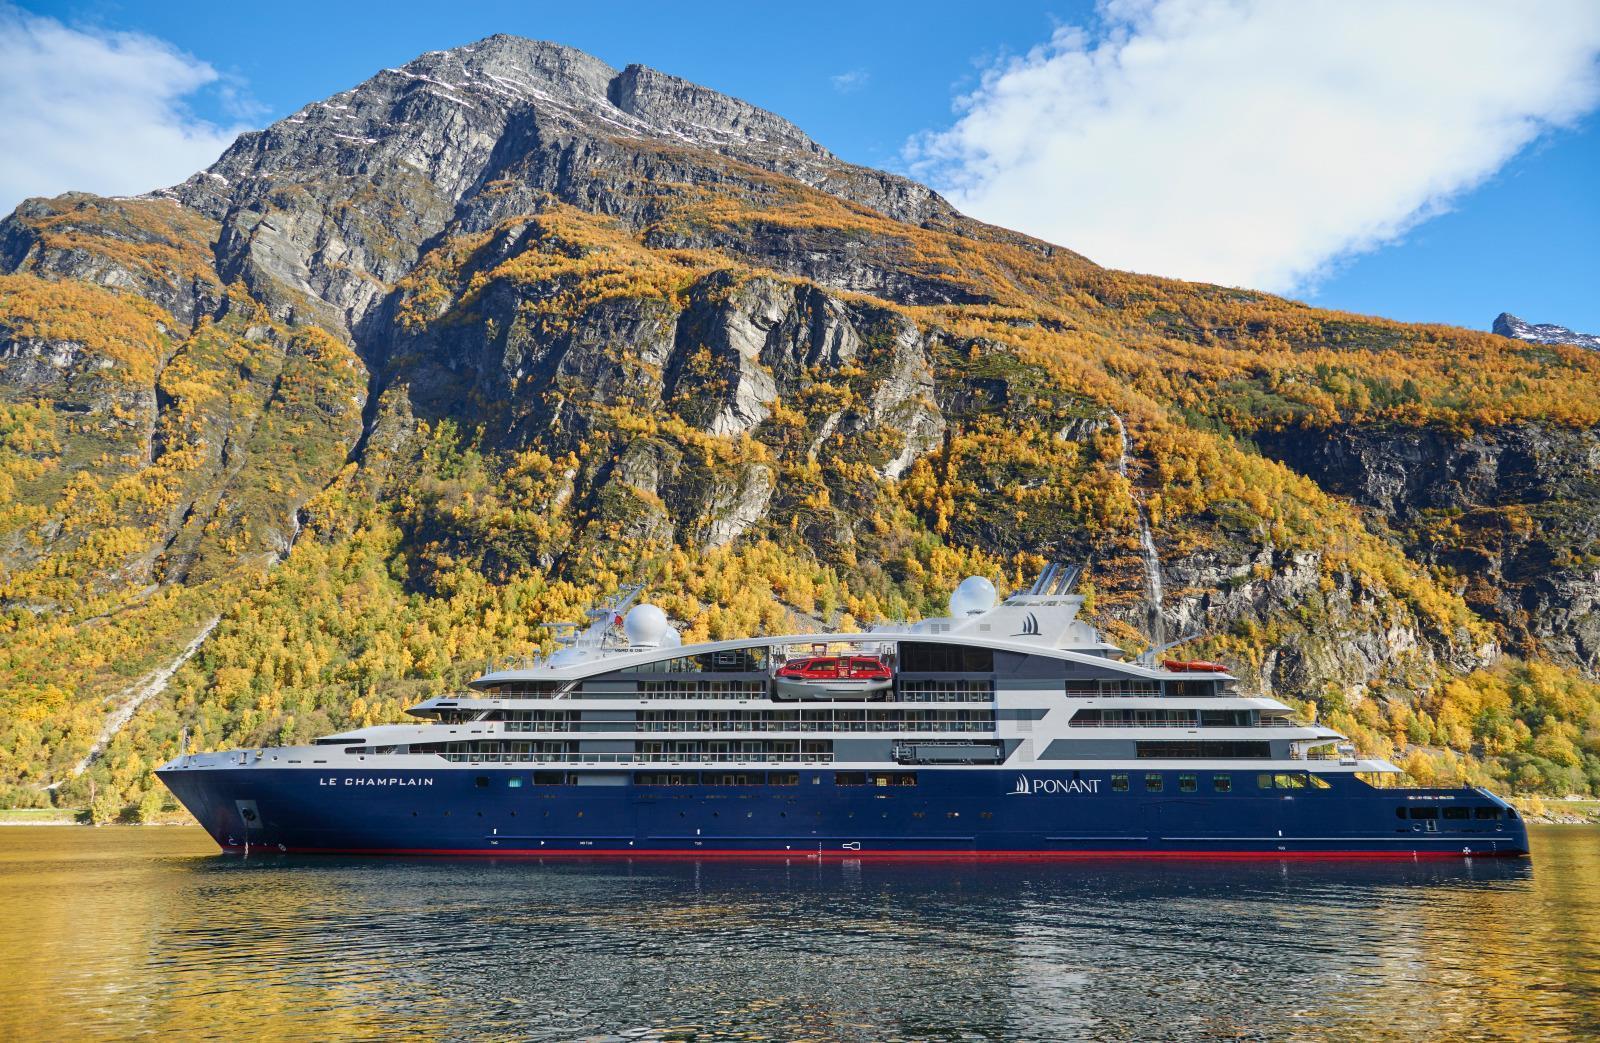 Những du thuyền sang trọng nhất thế giới, lên đến 80.000 USD/tour Ảnh 5